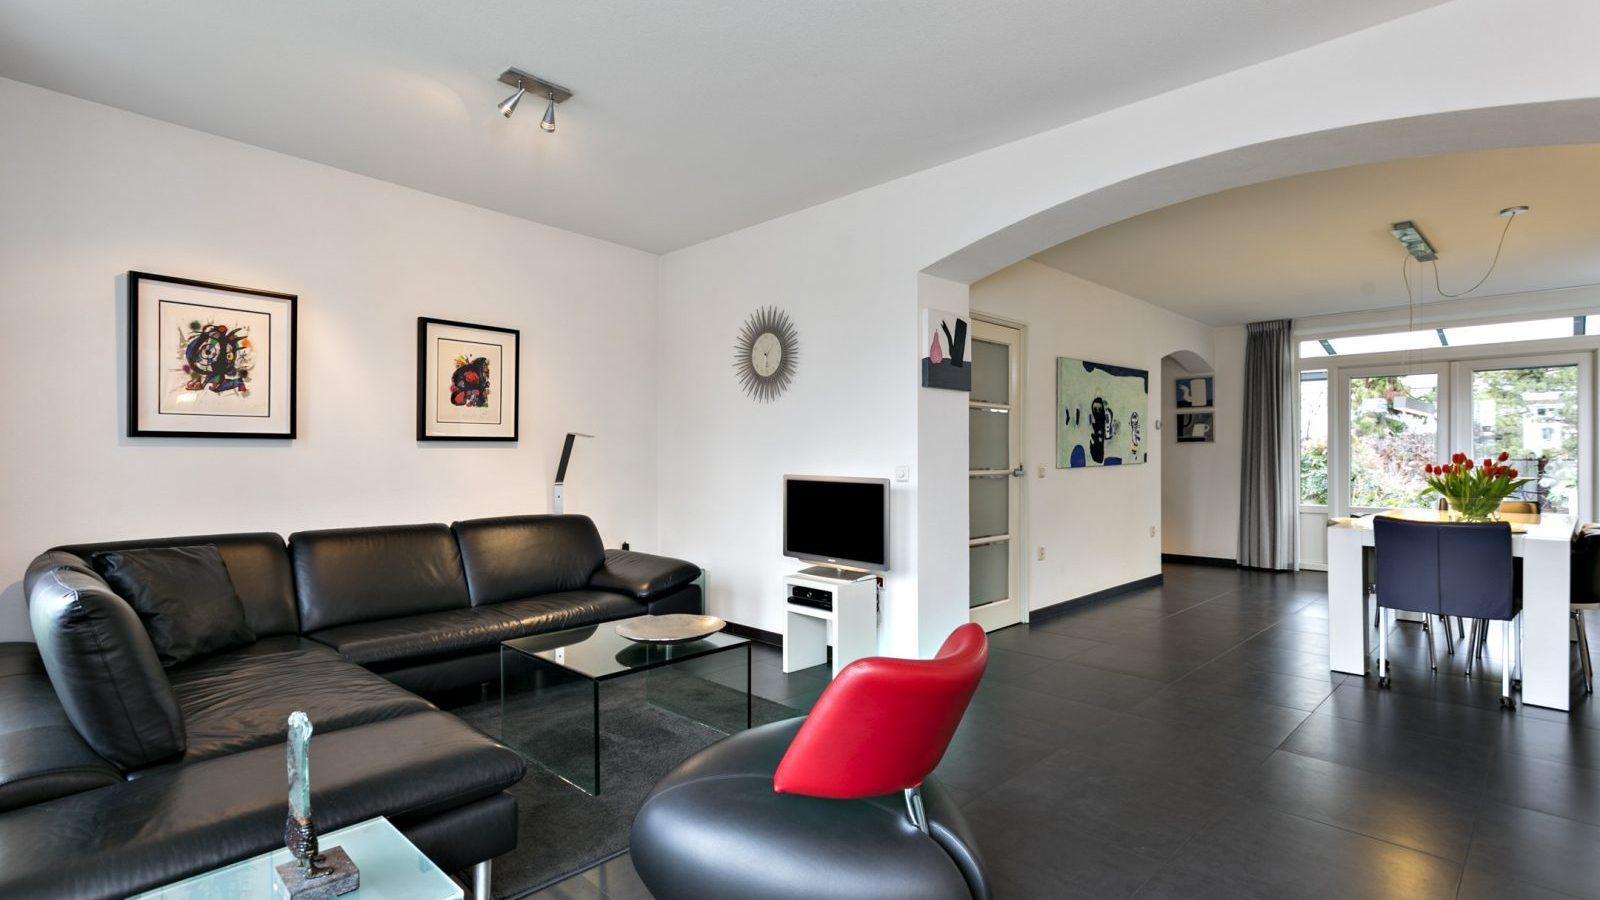 CharlesRuysstraat50Roermond-10-1600x1067